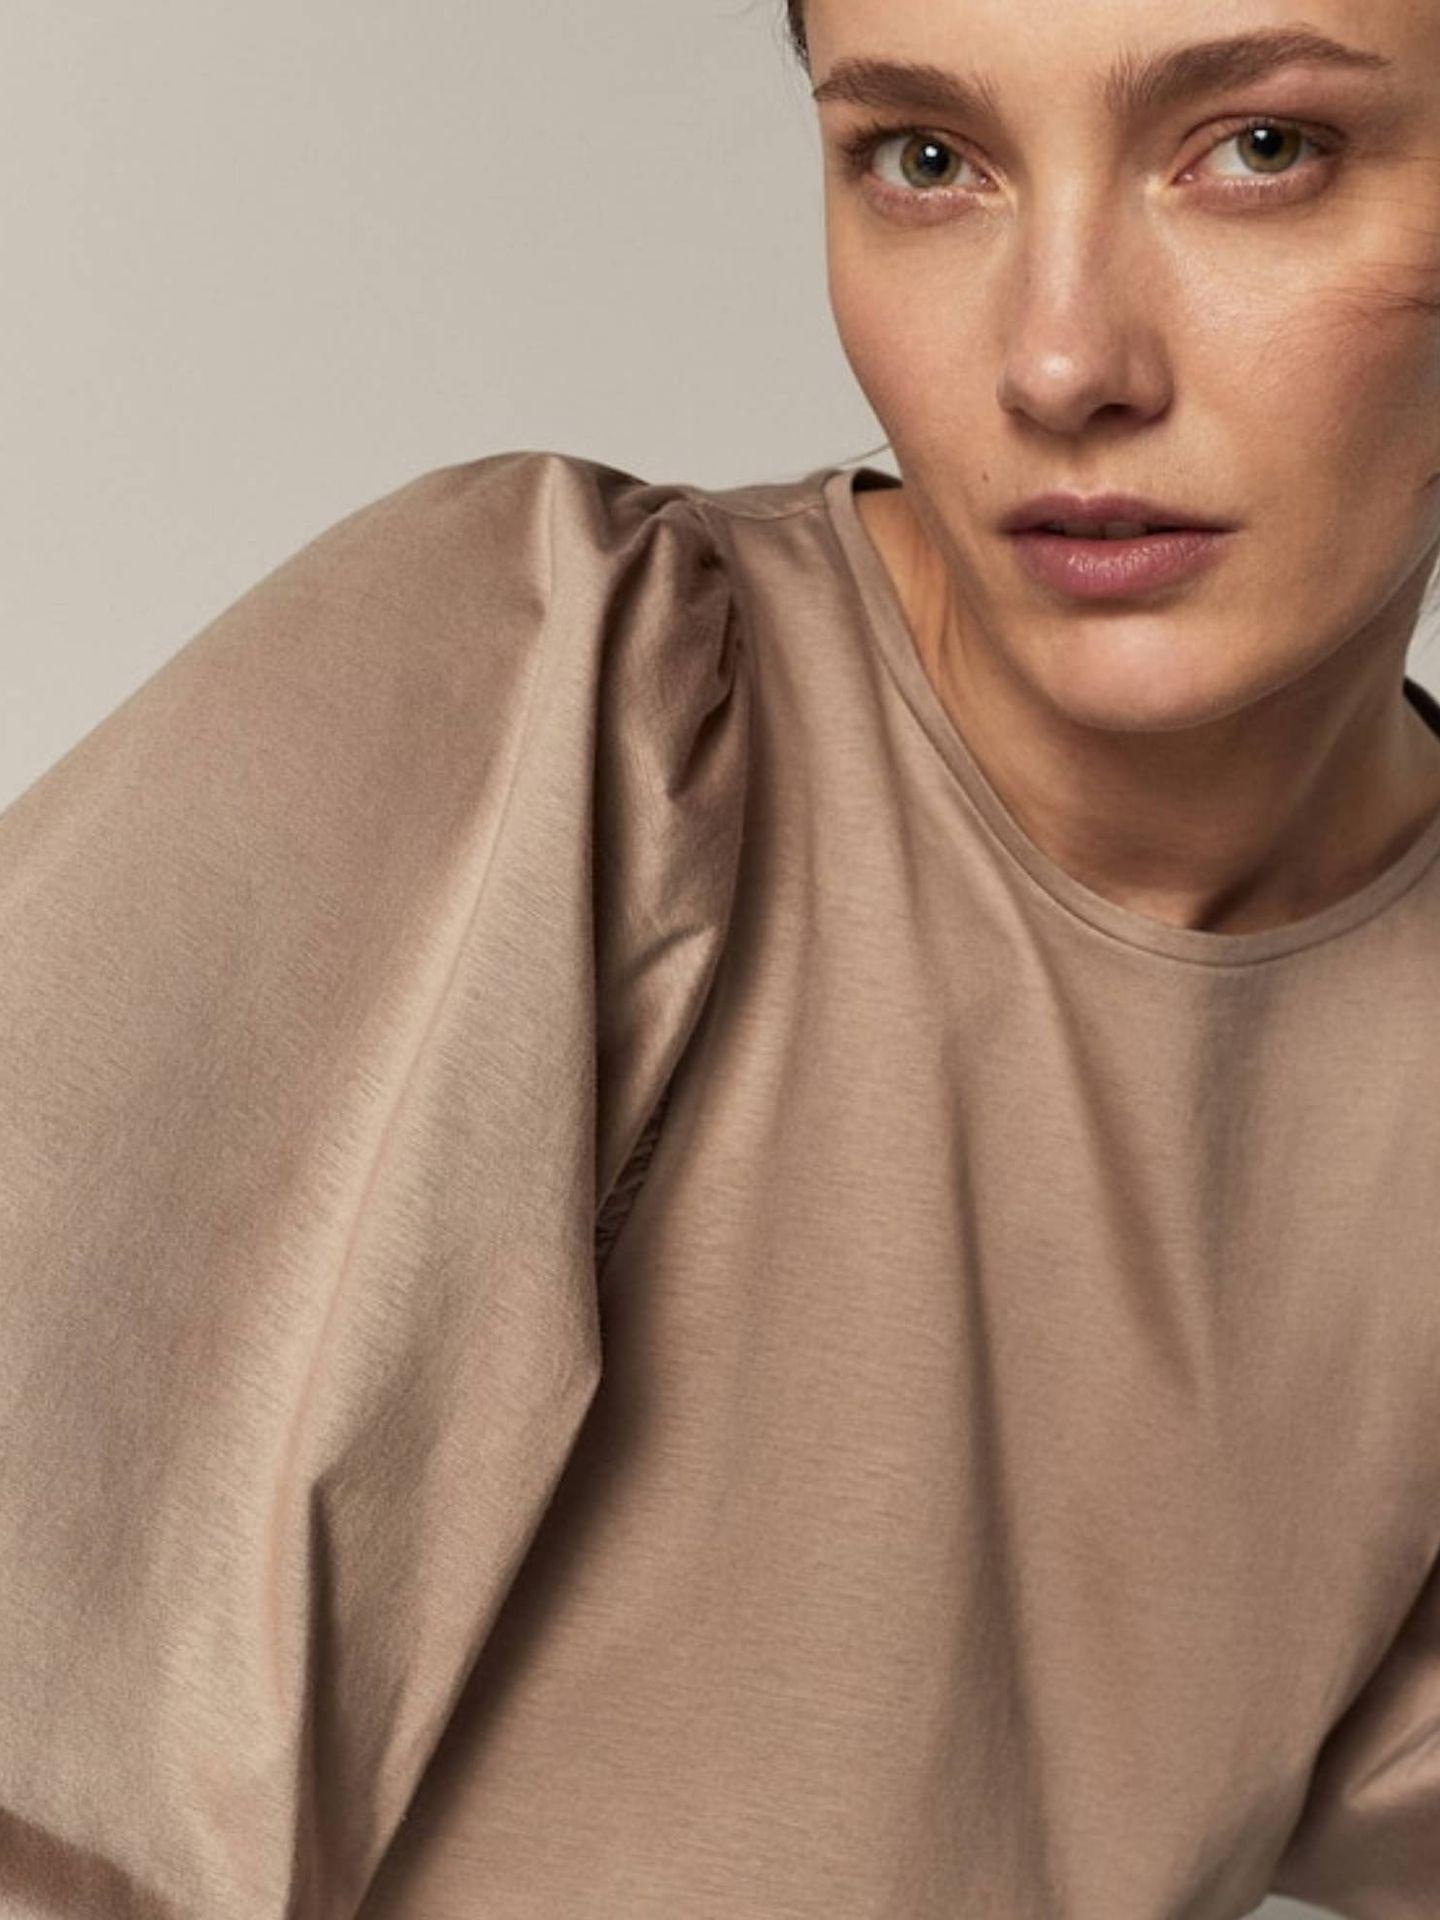 Camiseta de mangas abullonadas de Massimo Dutti. (Cortesía)